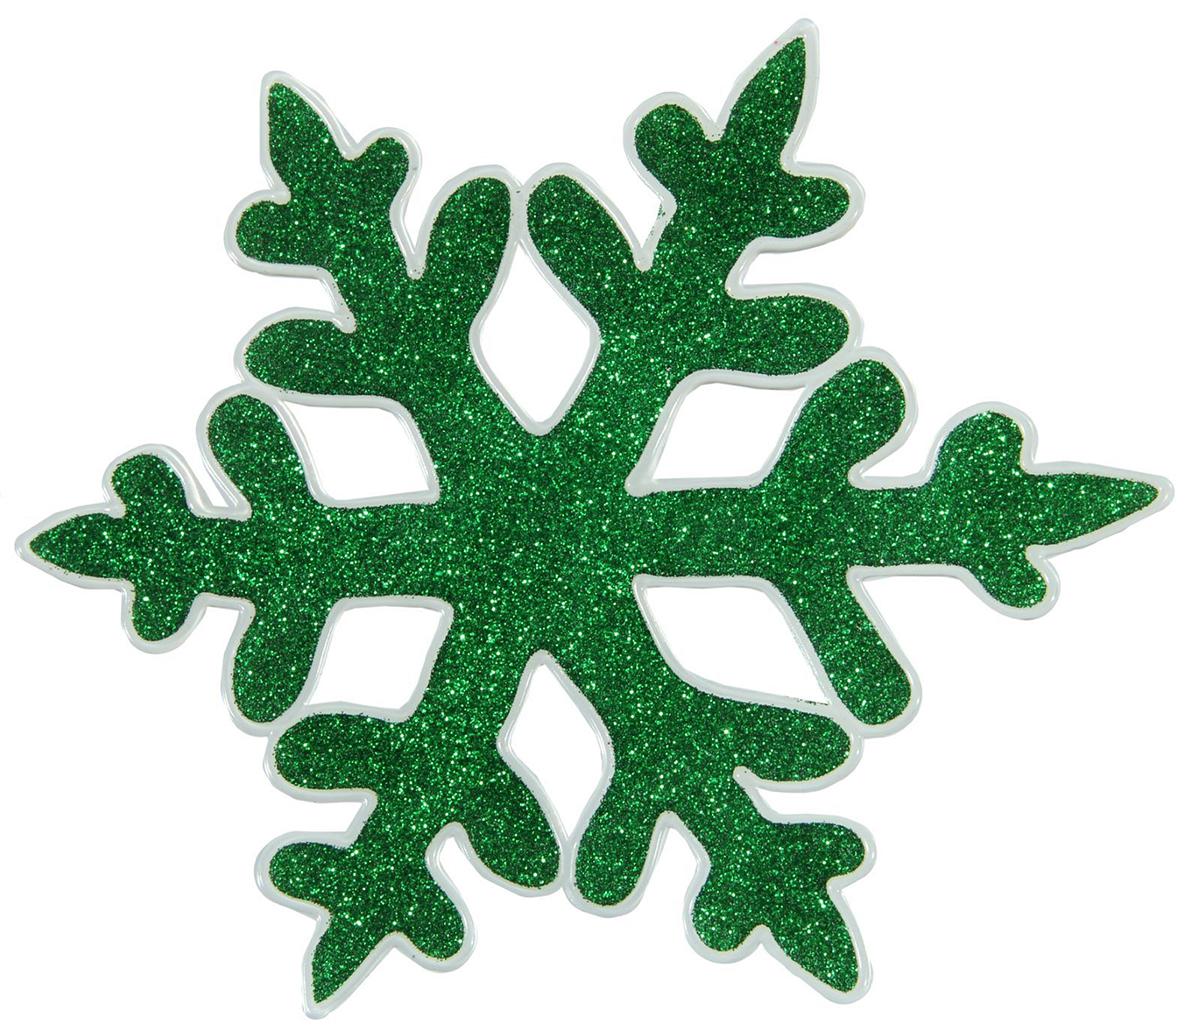 Украшение новогоднее оконное Зеленая снежинка с блестками, 14,5 х 14,5 см1116515Новогоднее оконное украшение Дед Мороз со звездным мешком поможет украсить дом к предстоящим праздникам. Яркая наклейка крепится к гладкой поверхности стекла посредством статического эффекта. С помощью такого украшения вы сможете оживить интерьер по своему вкусу.Новогодние украшения всегда несут в себе волшебство и красоту праздника. Создайте в своем доме атмосферу тепла, веселья и радости, украшая его всей семьей.